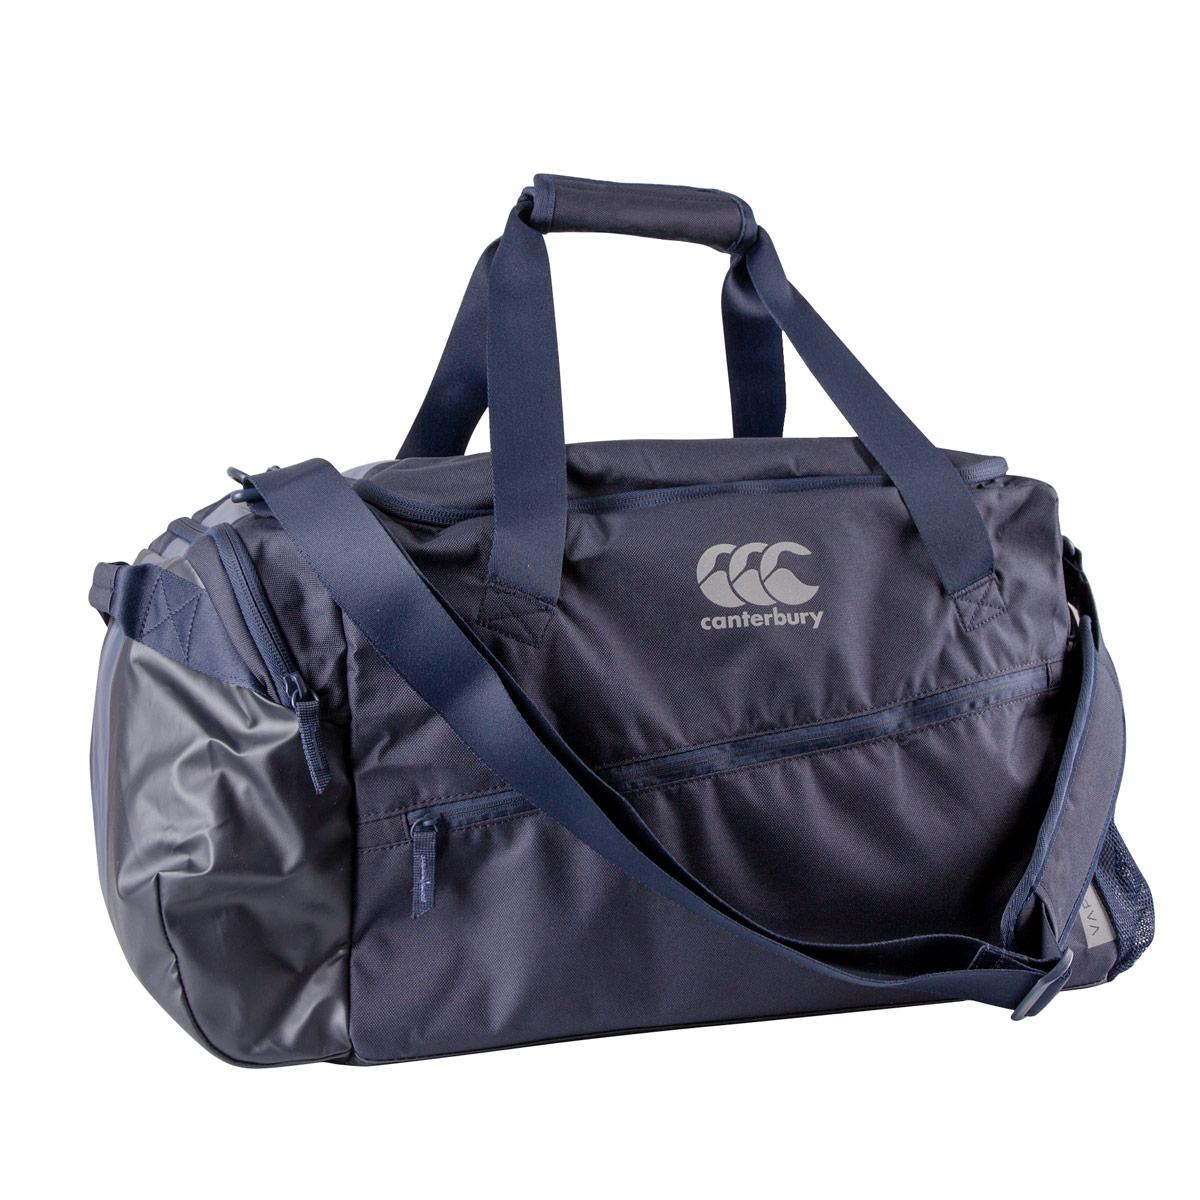 dd7e04c6f6 Navy Canterbury Vaposhield Medium Sportsbag